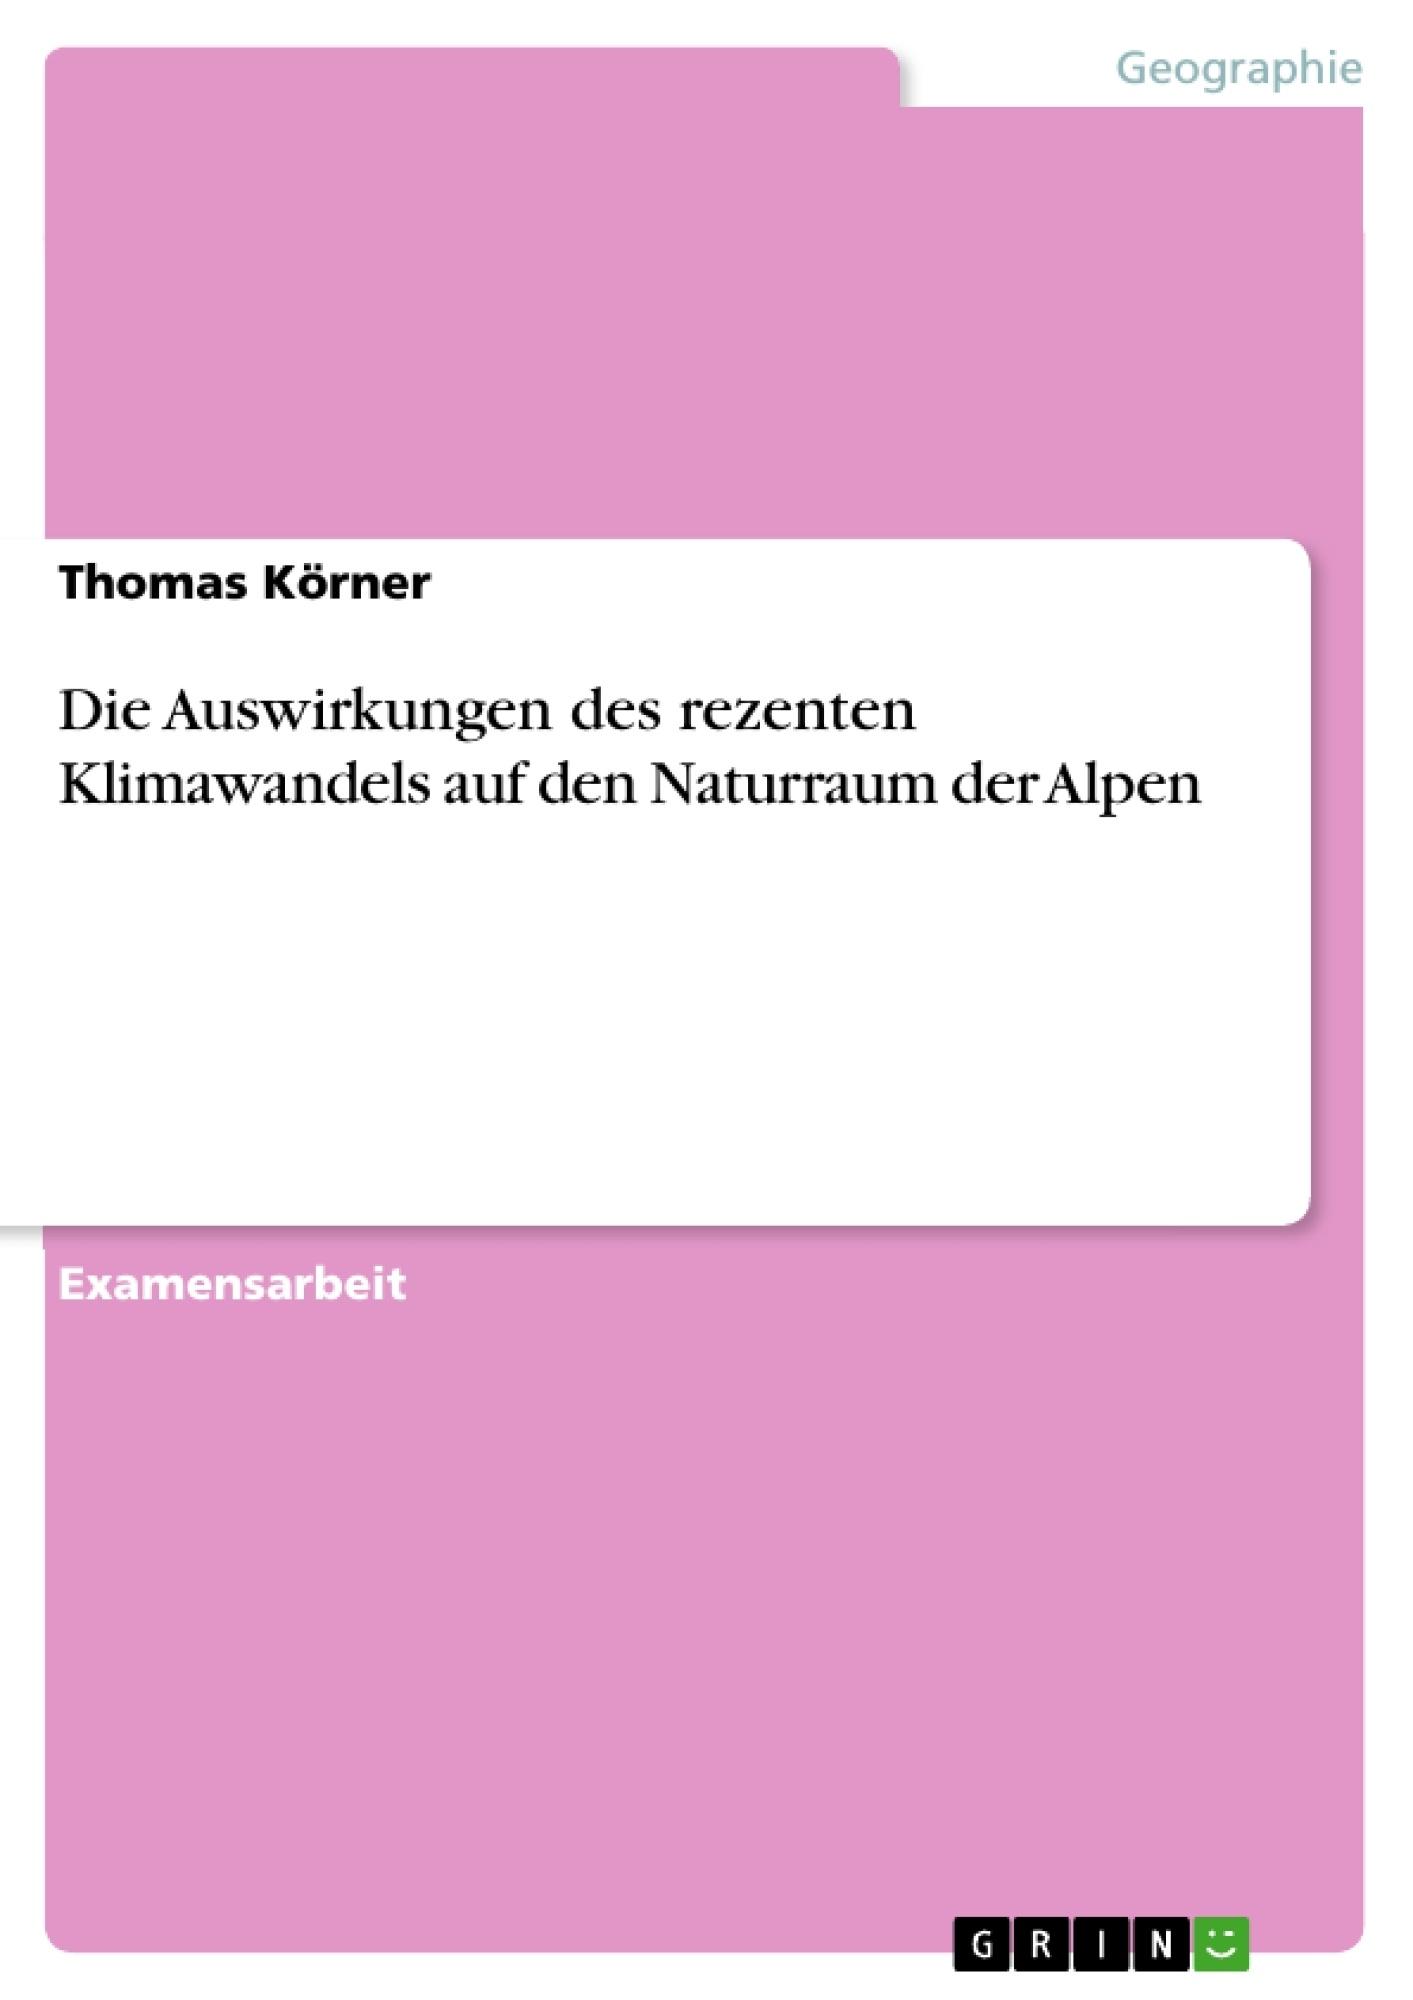 Titel: Die Auswirkungen des rezenten Klimawandels auf den Naturraum der Alpen